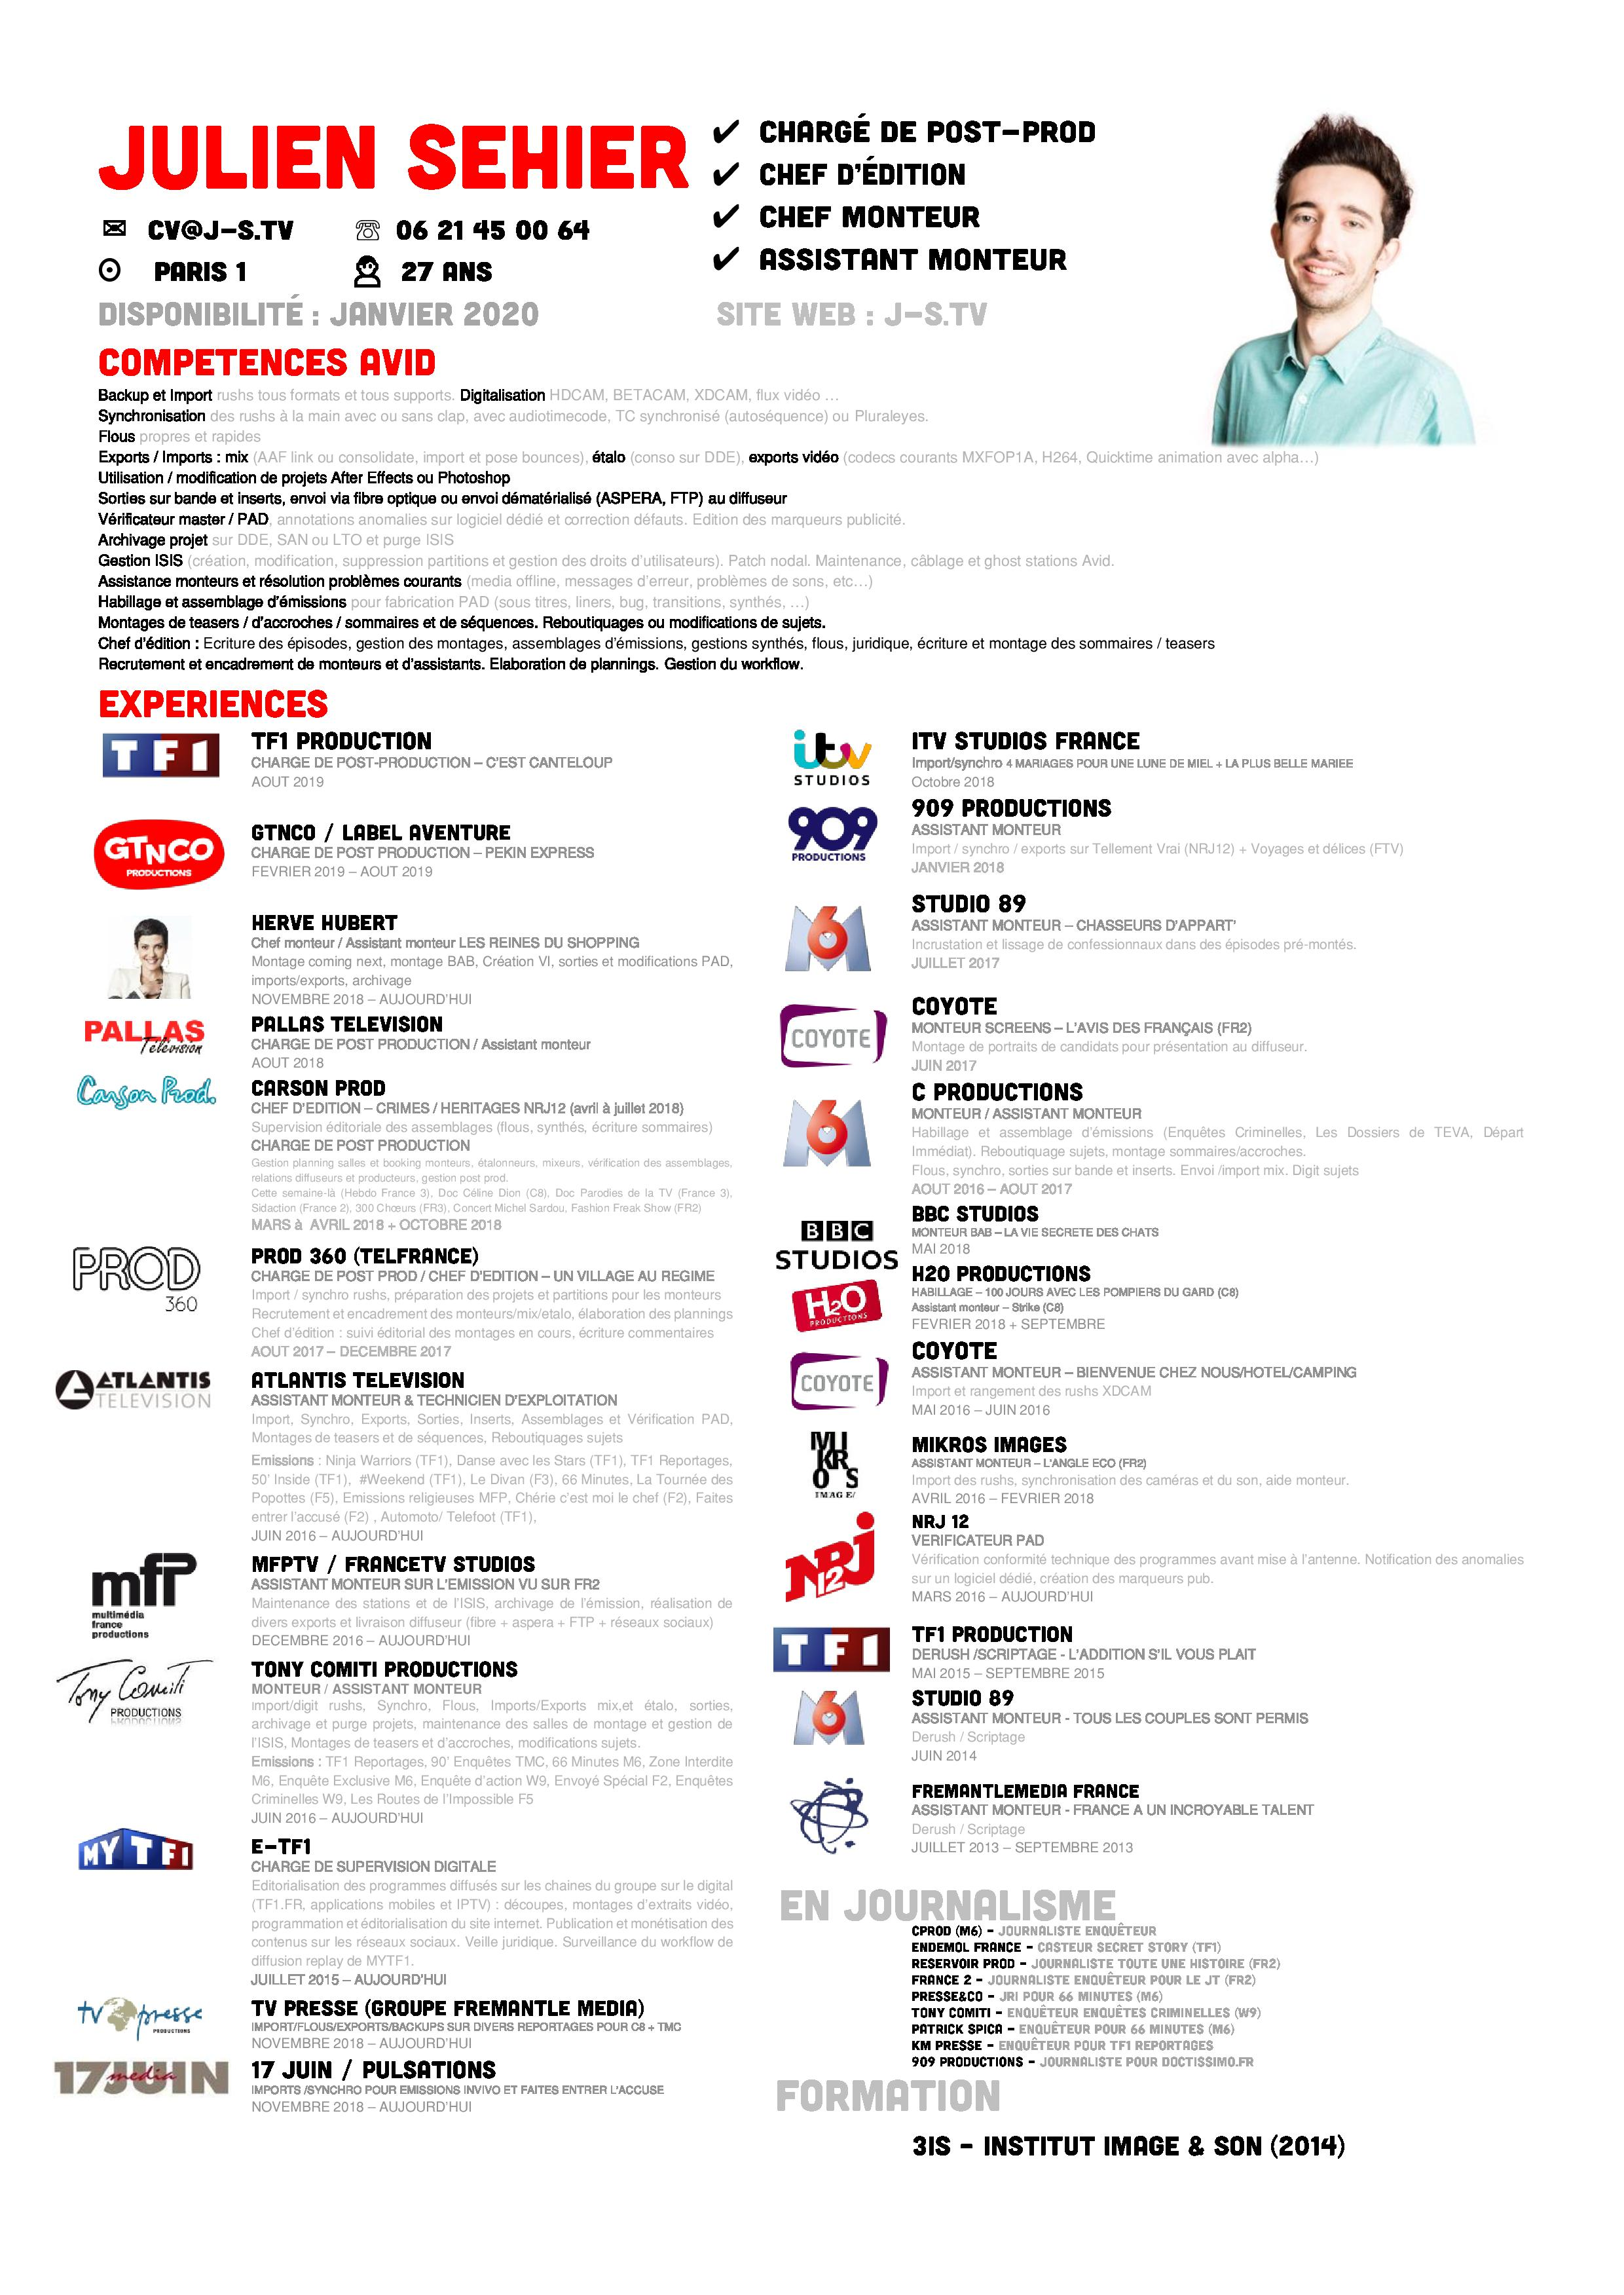 cv-monteur-julien-sehier-page-001